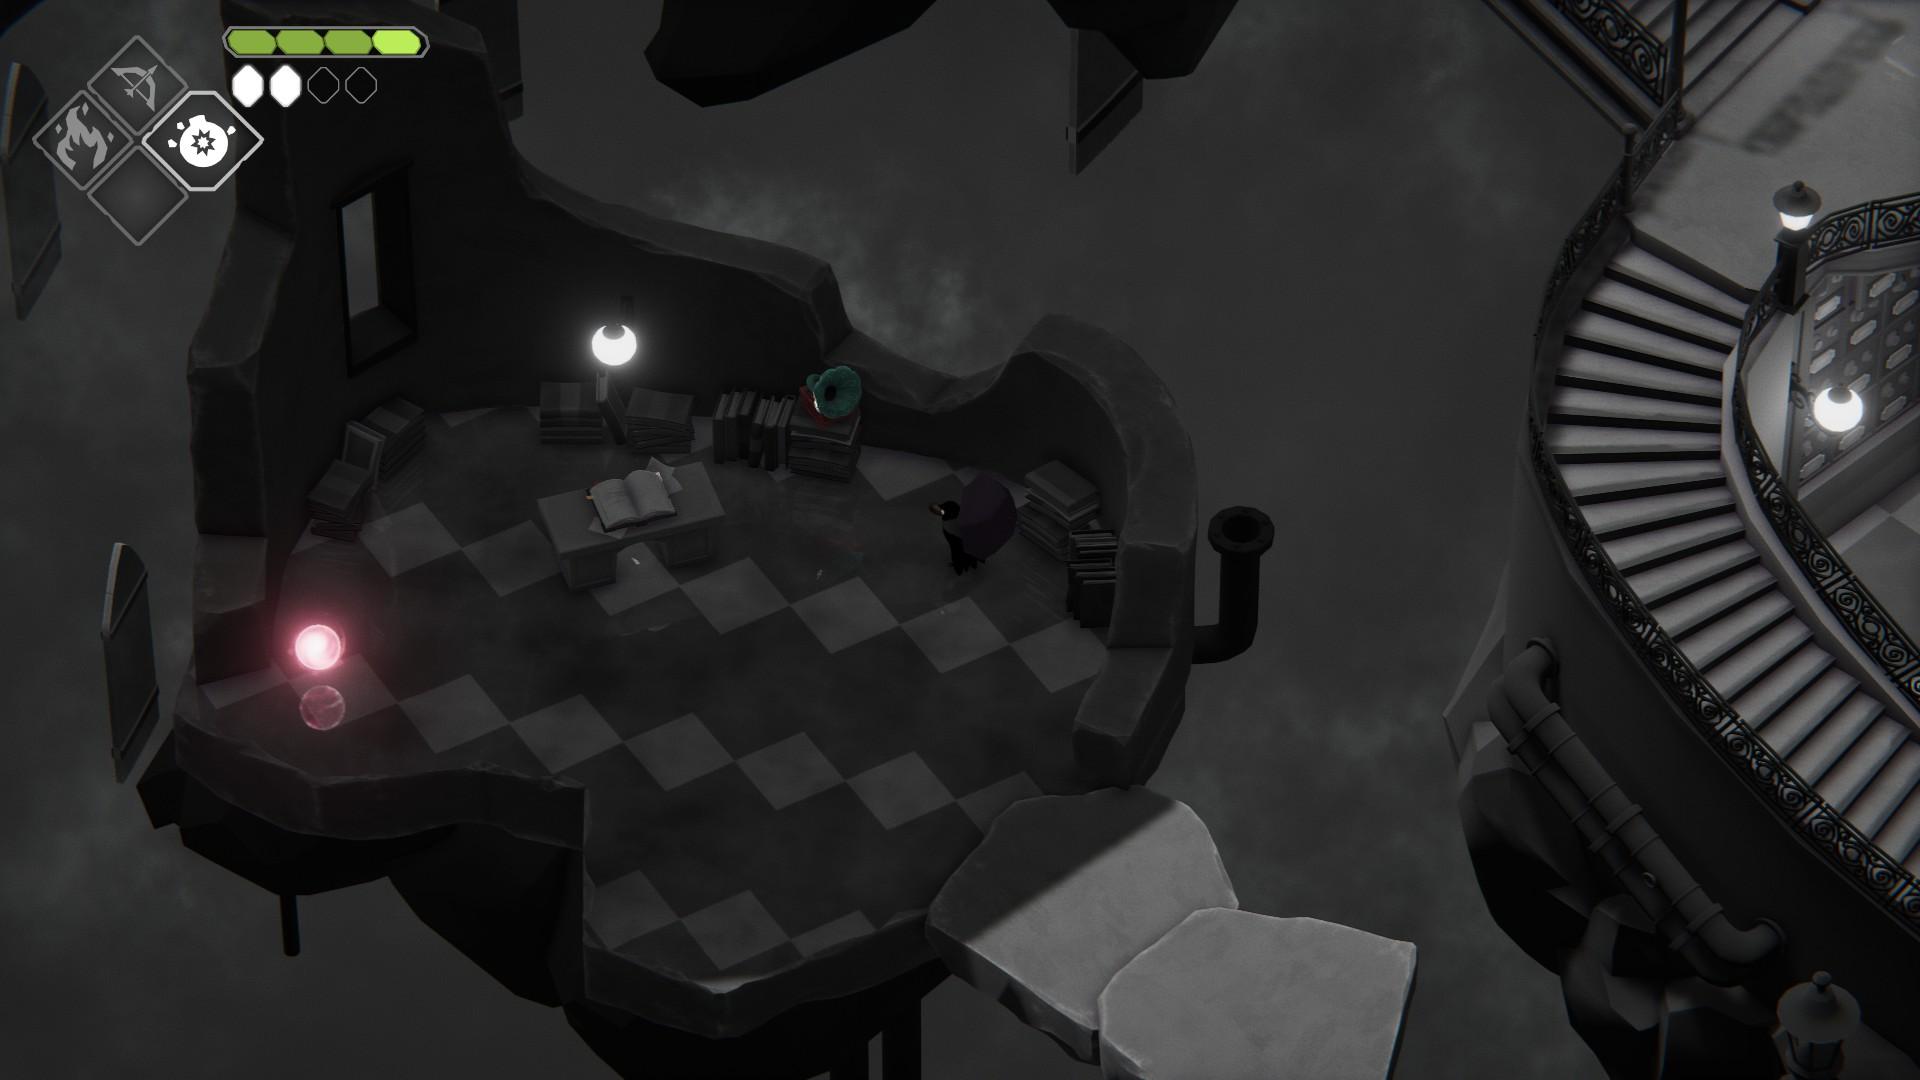 Парад прохождений - Истории крошечных комнат. Городская тайна / Tiny Room Stories: Town Mystery - Страница 4 - Автор: lenin 17